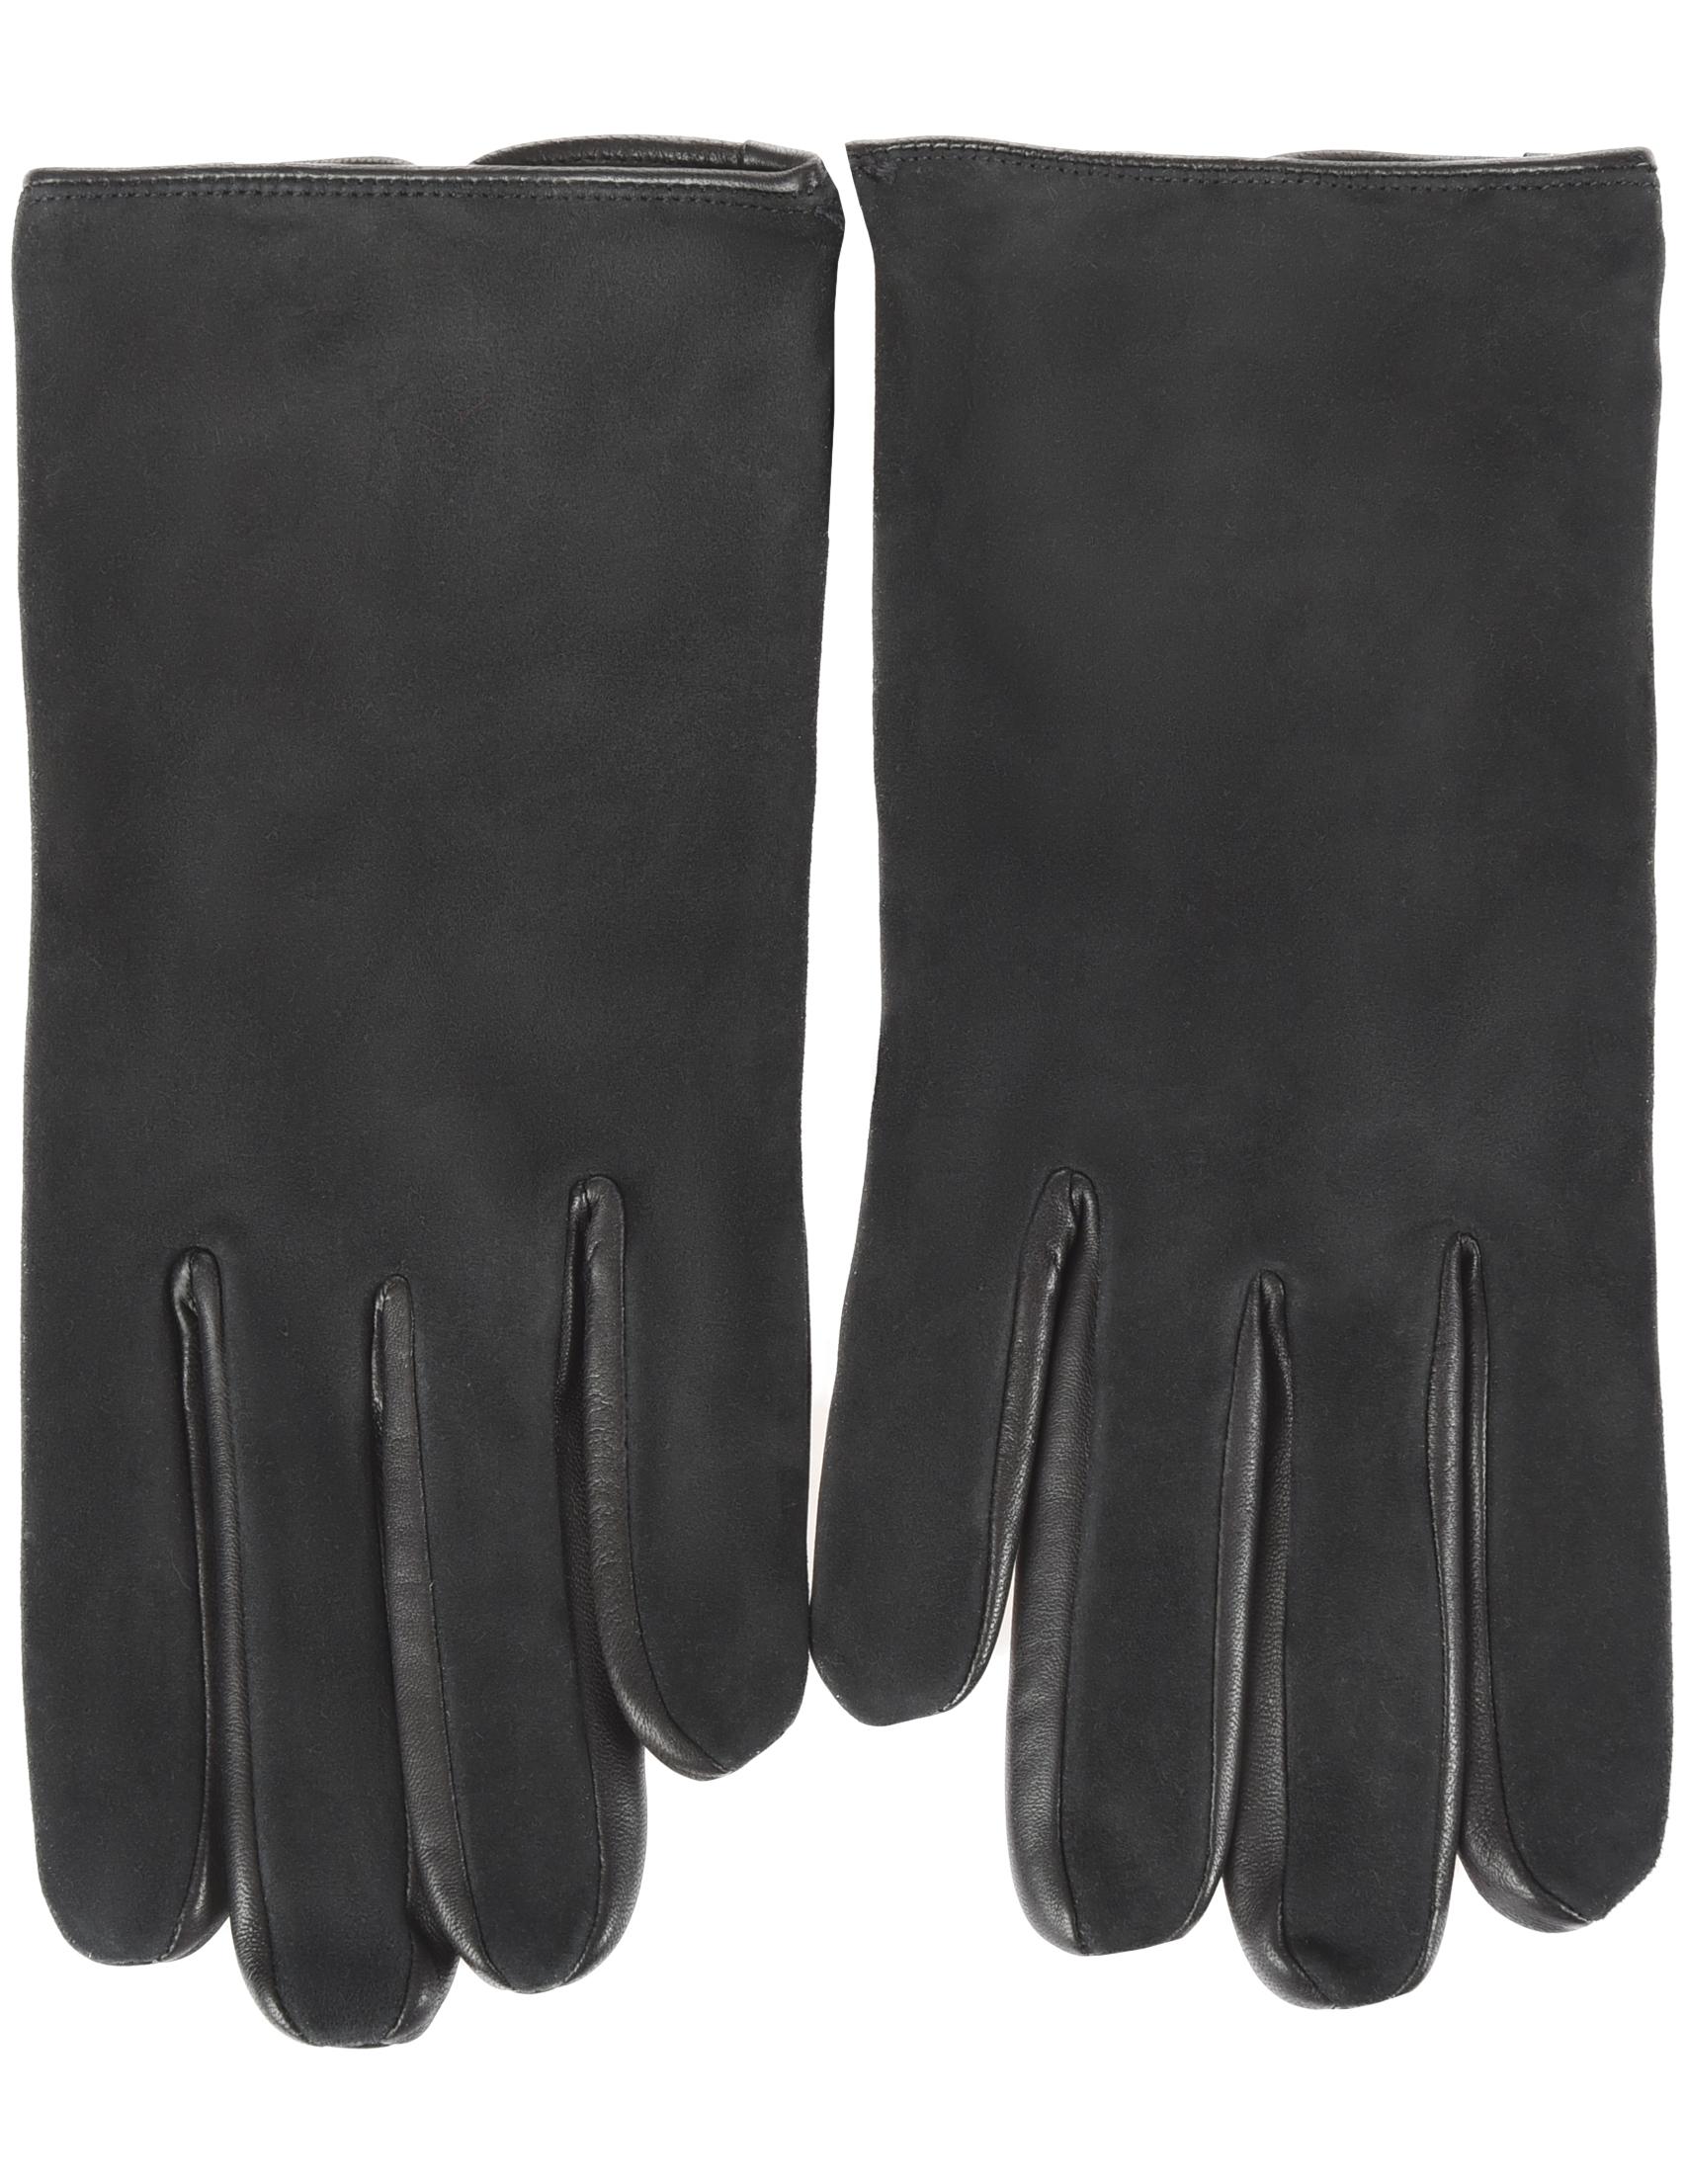 Мужские перчатки PAROLA 61003-З-К_black